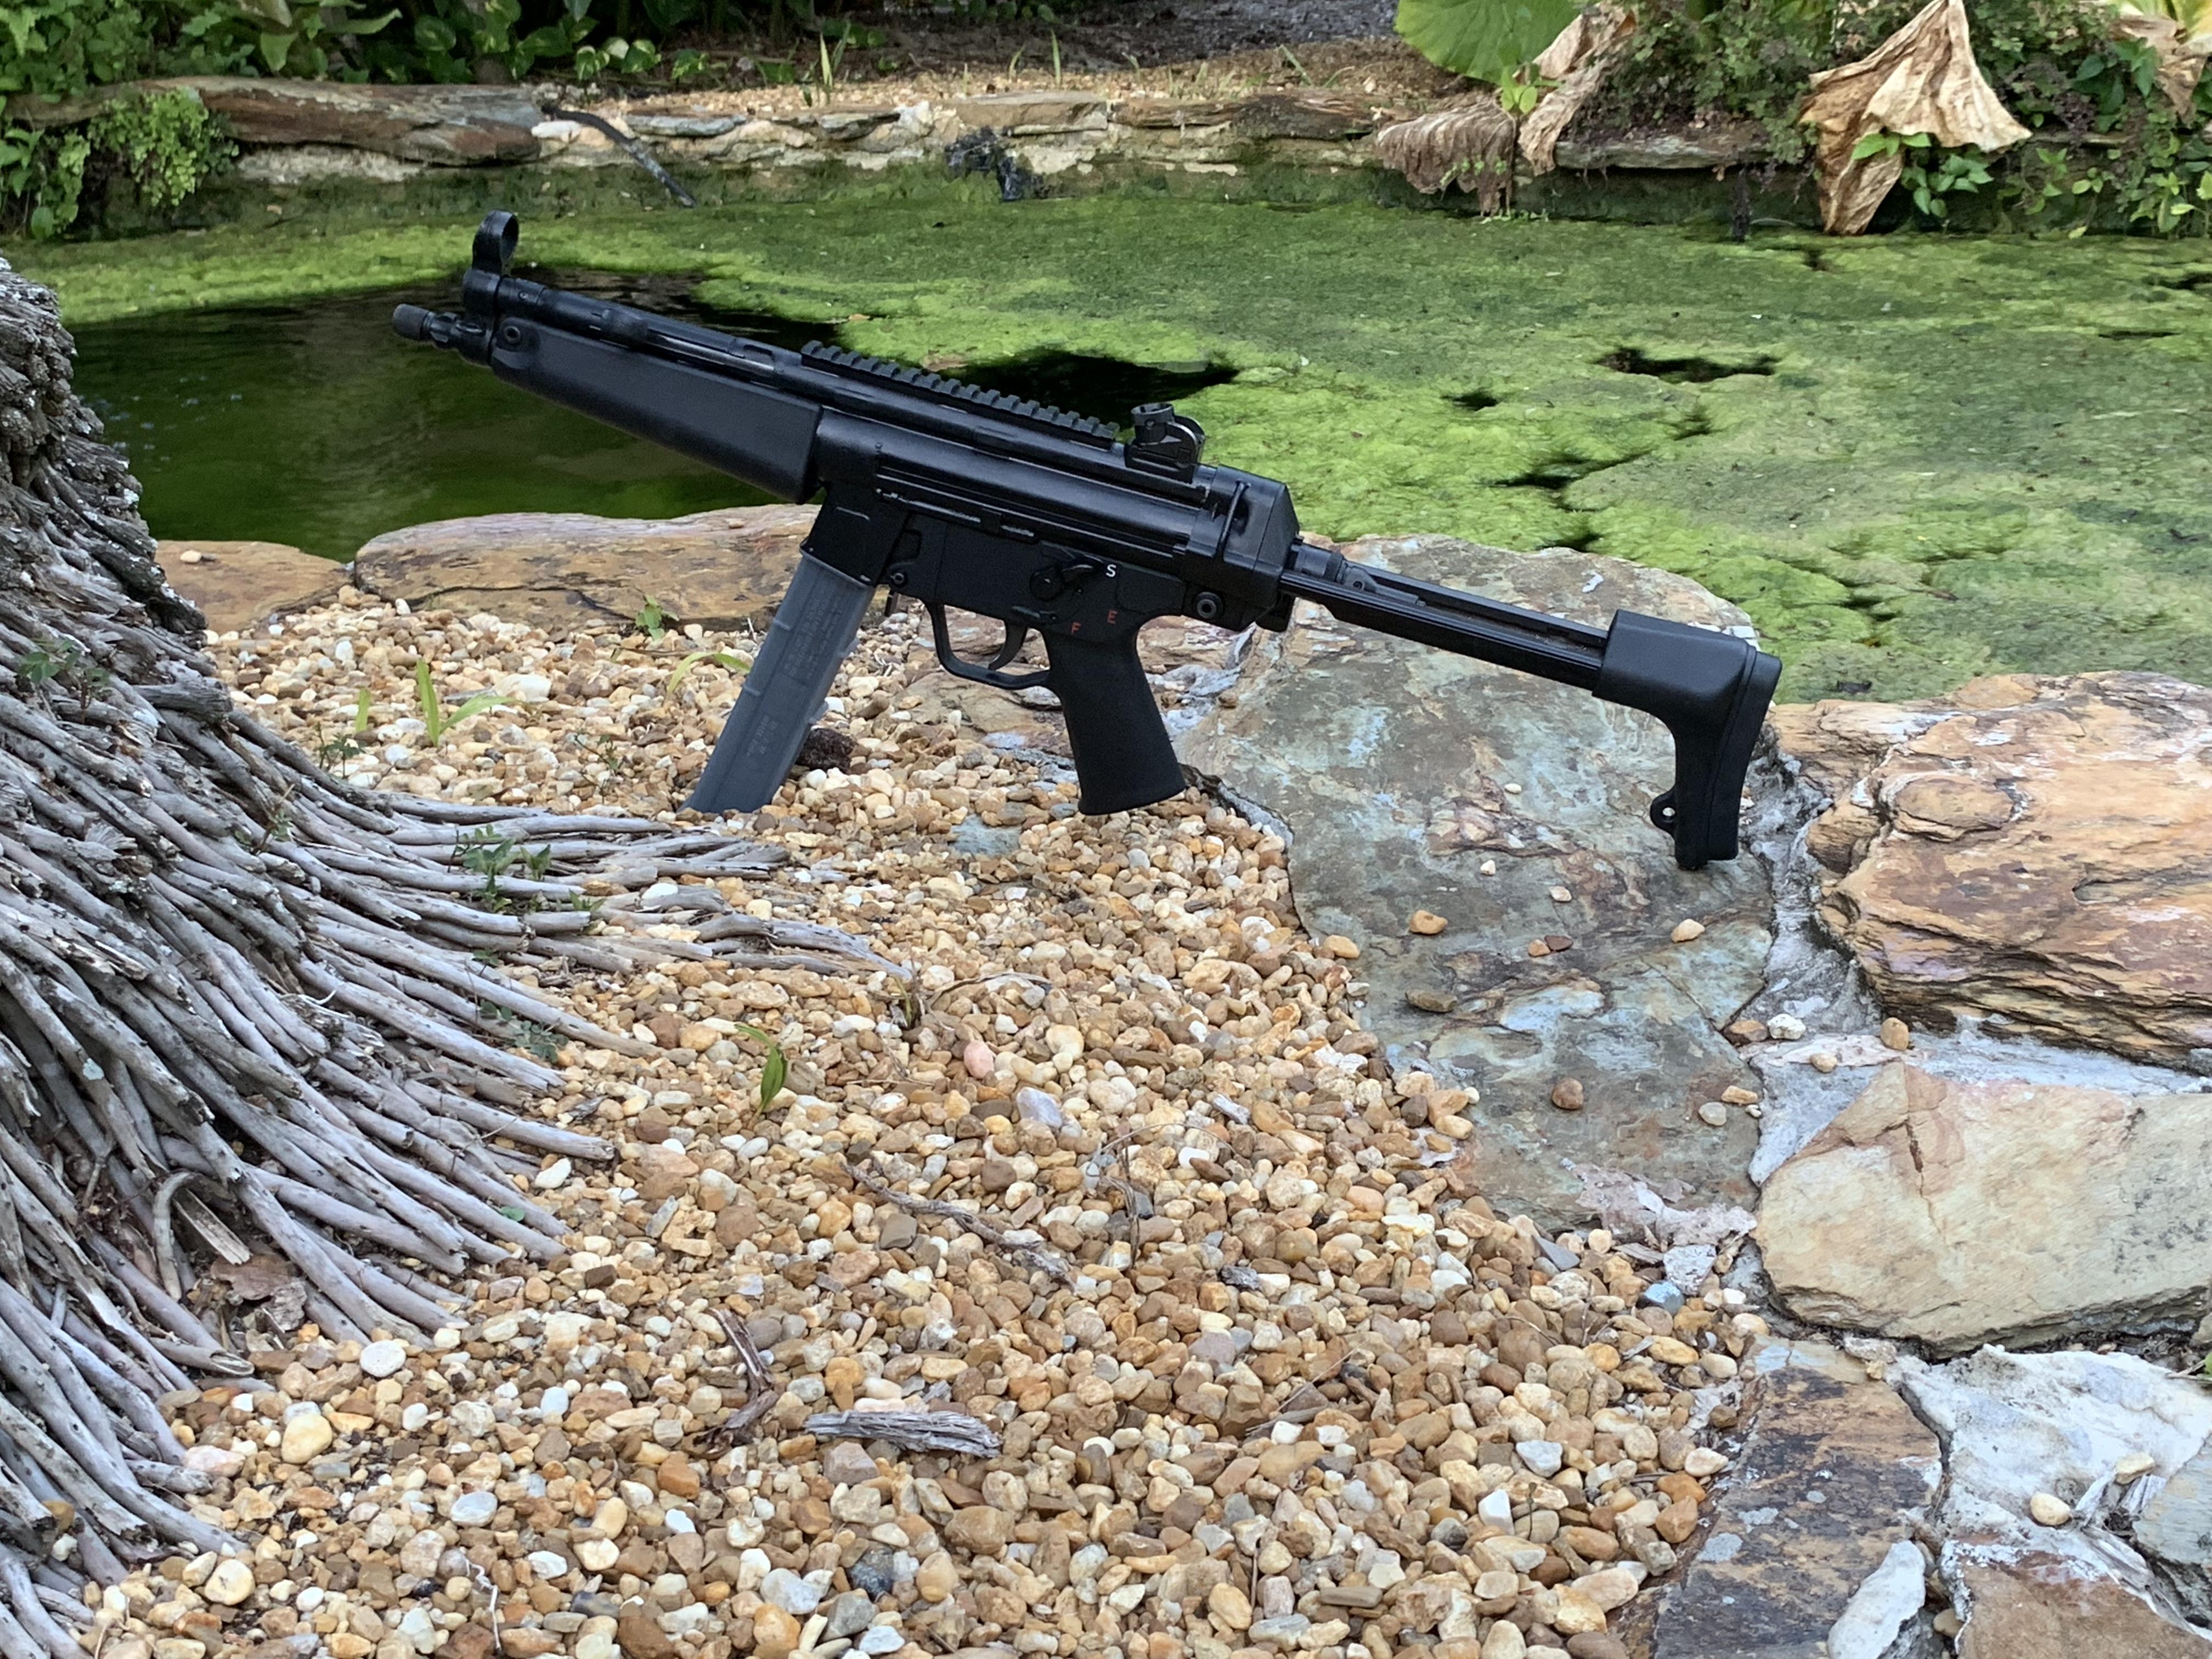 MP5/10MM running with Sear-f56fd67f-12d7-4bd4-a4ab-65eea0e6dd31_1538090306598.jpeg